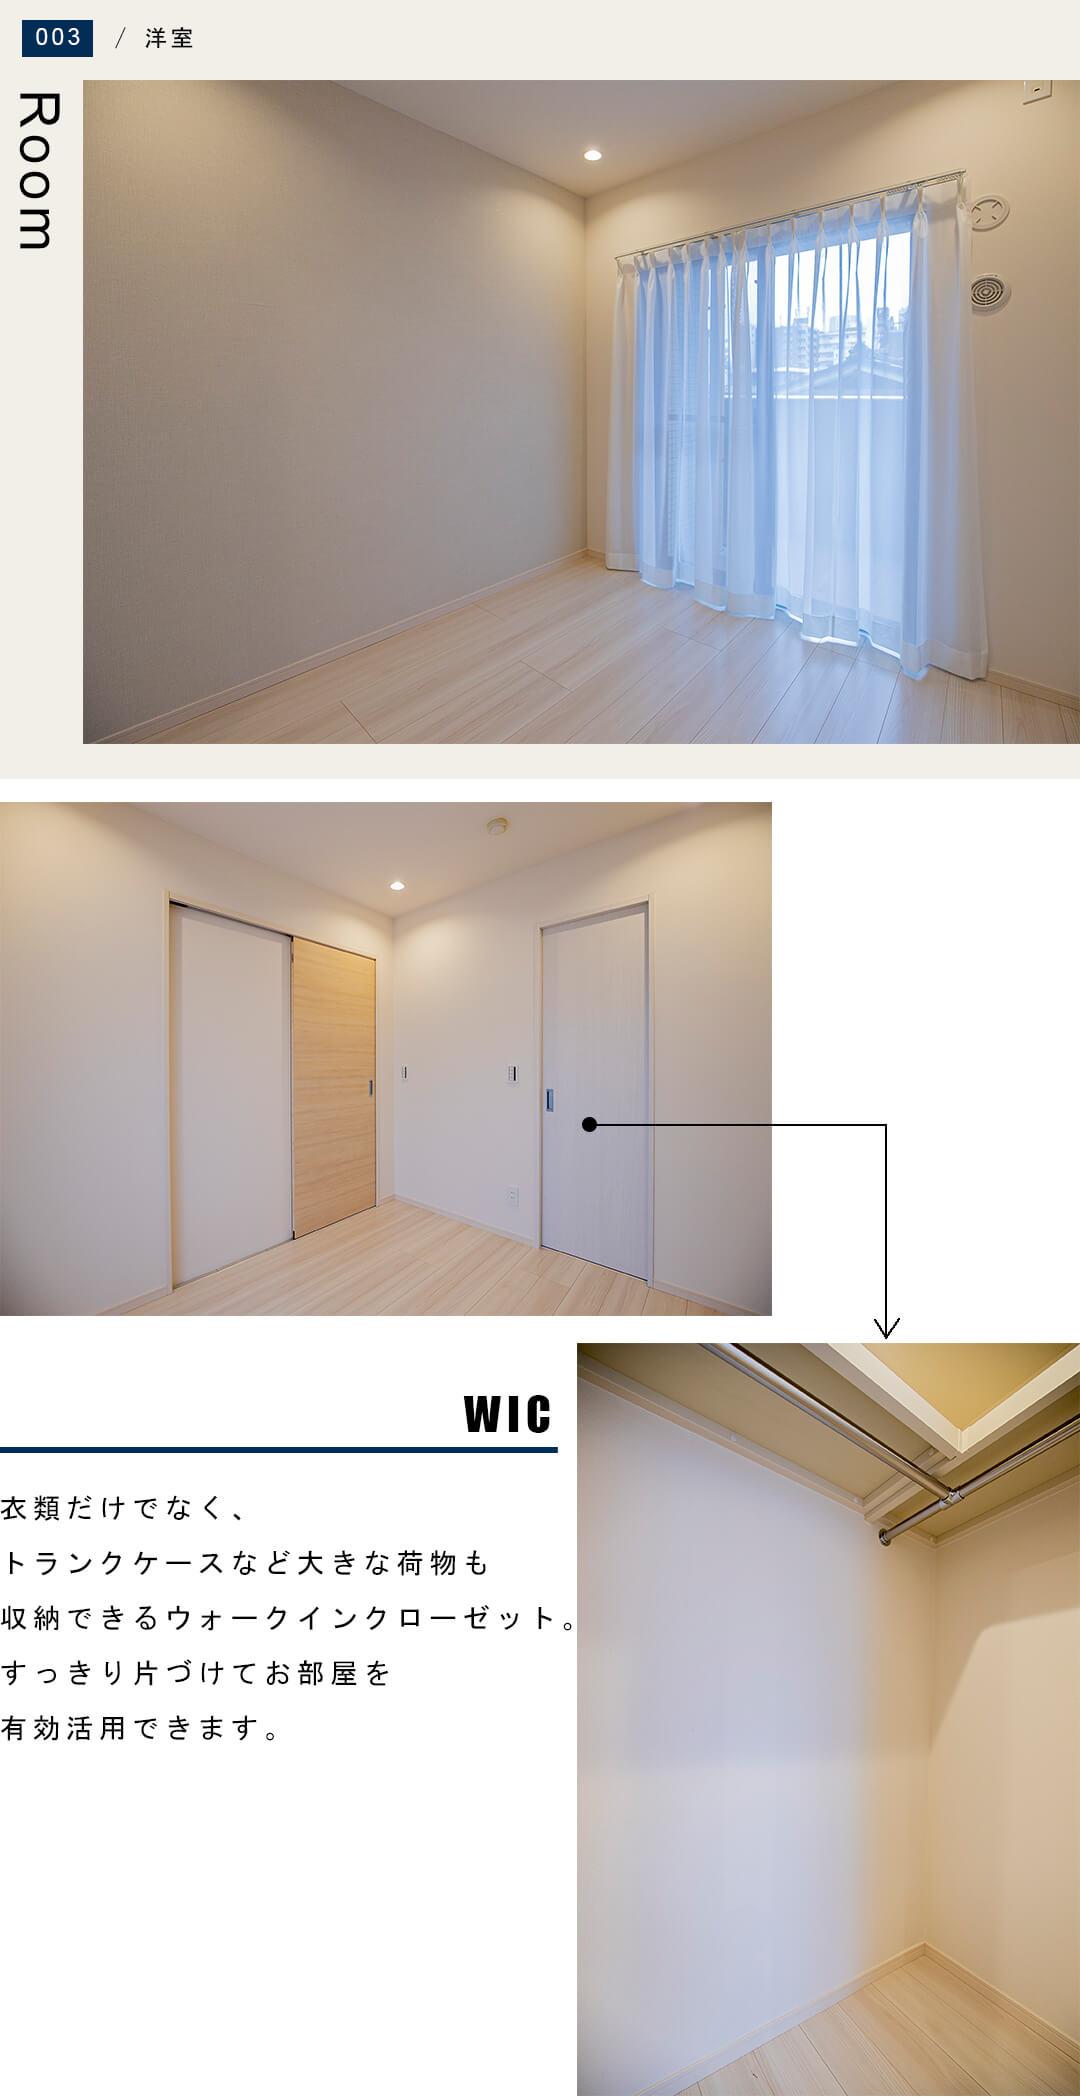 シーズクロノス新宿戸山の洋室